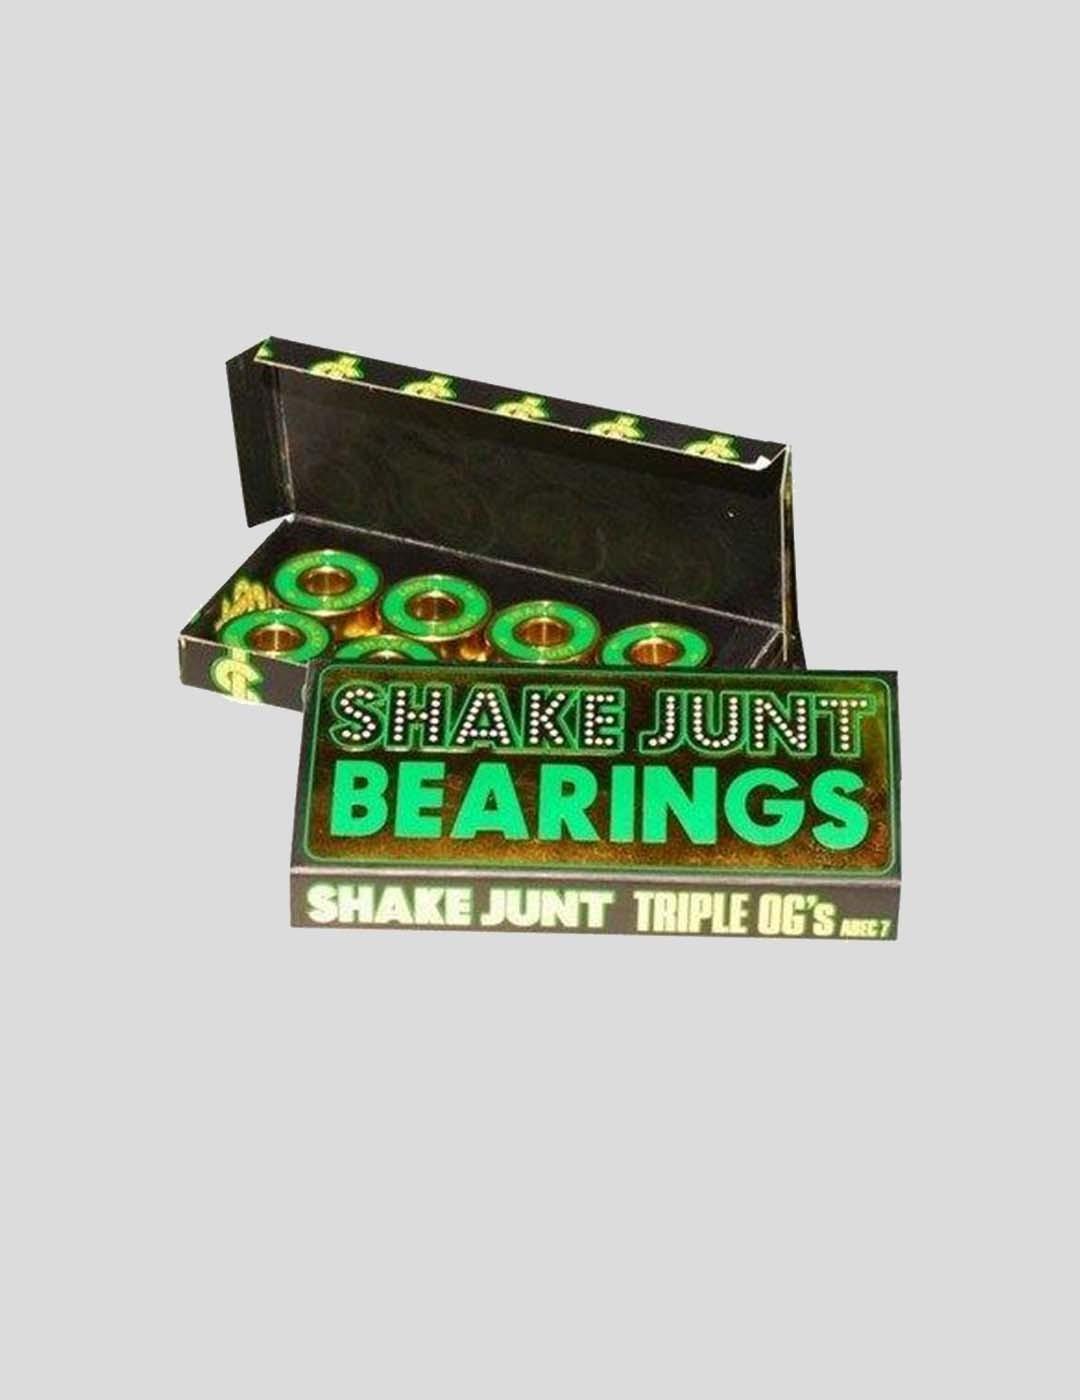 RODAMIENTOS SHAKE JUNT ABEC 7 BEARINGS